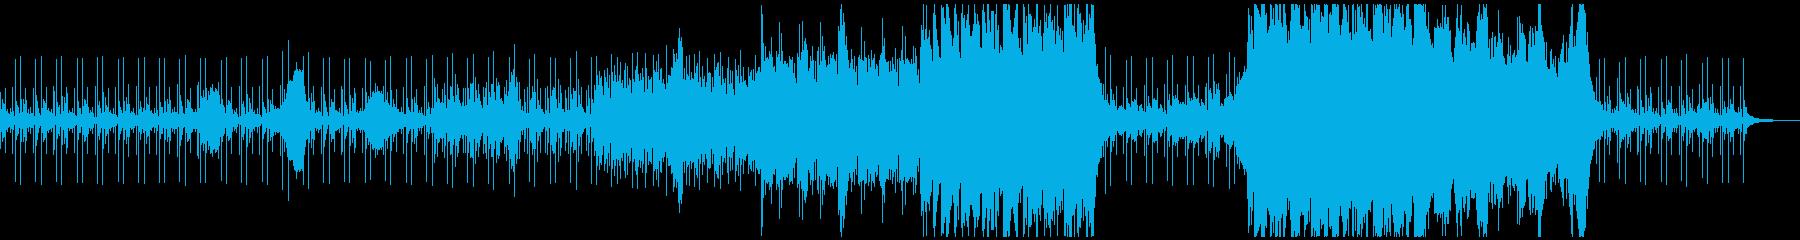 アンビエント 緊張感 ベース 弦楽...の再生済みの波形